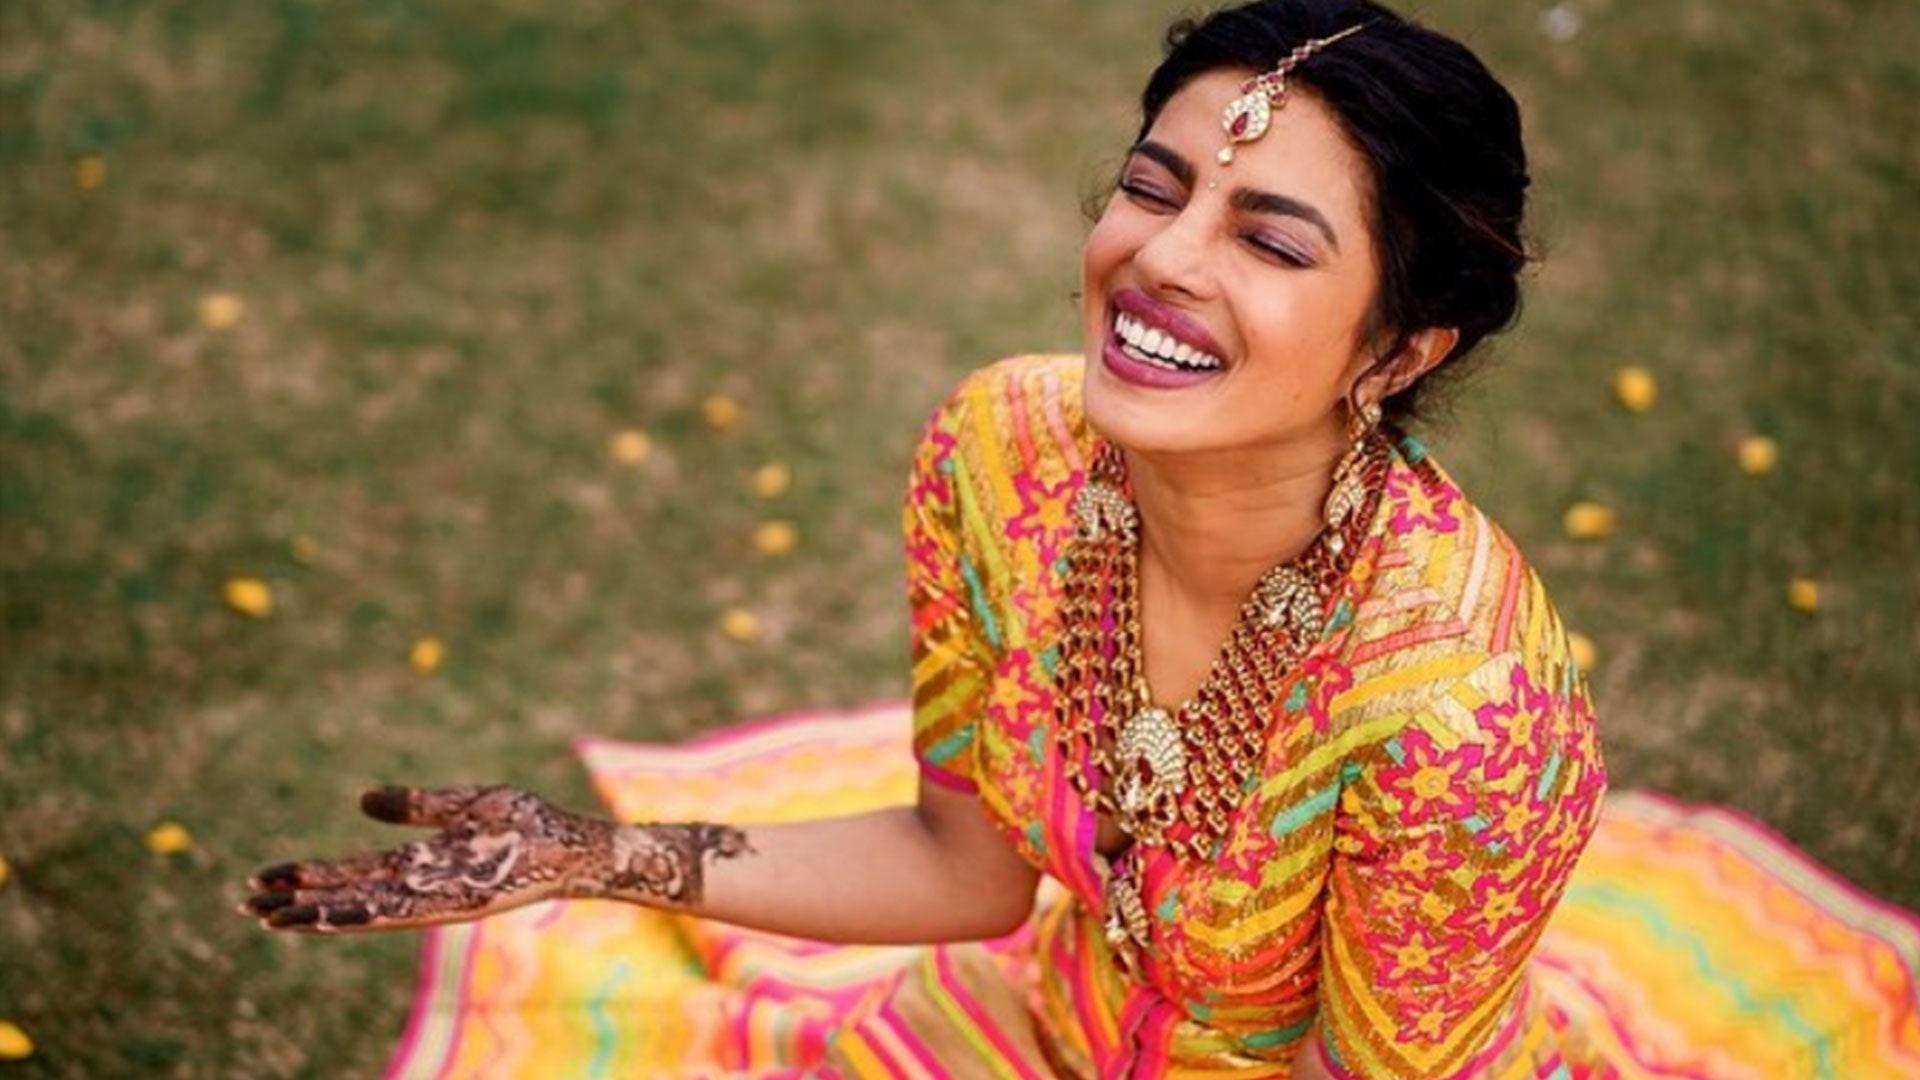 Makeup Ideas for Virtual Mehendi Day